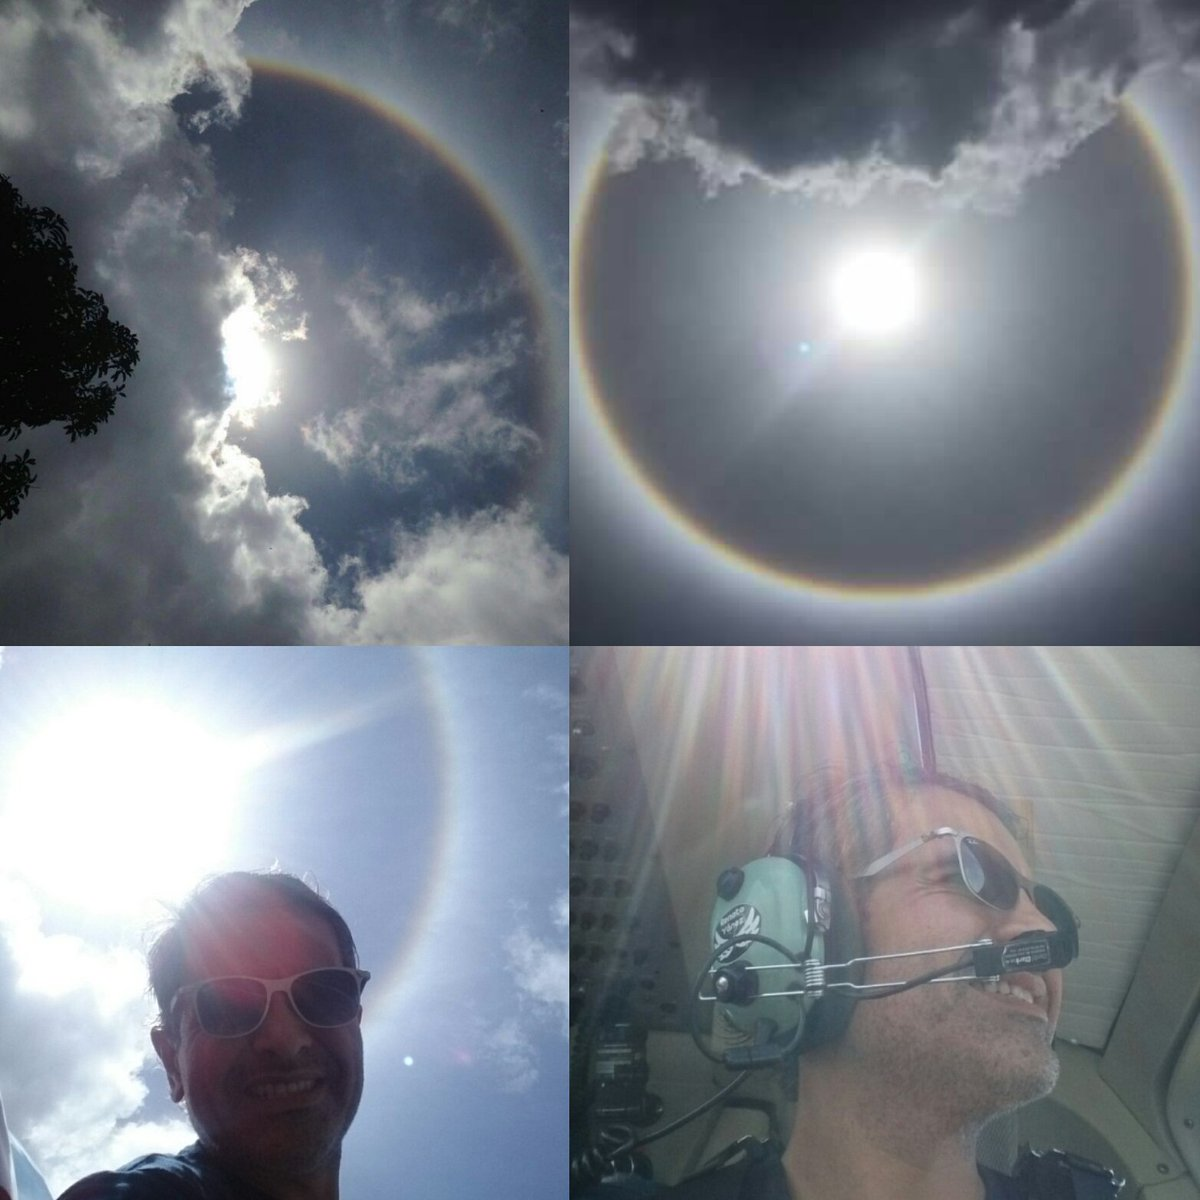 Caracas 1pm. Eso se llama Halo Solar un fenómeno óptico con forma de anillo y centro en el Sol. Bendita Caracas. https://t.co/4hv38jI7Af